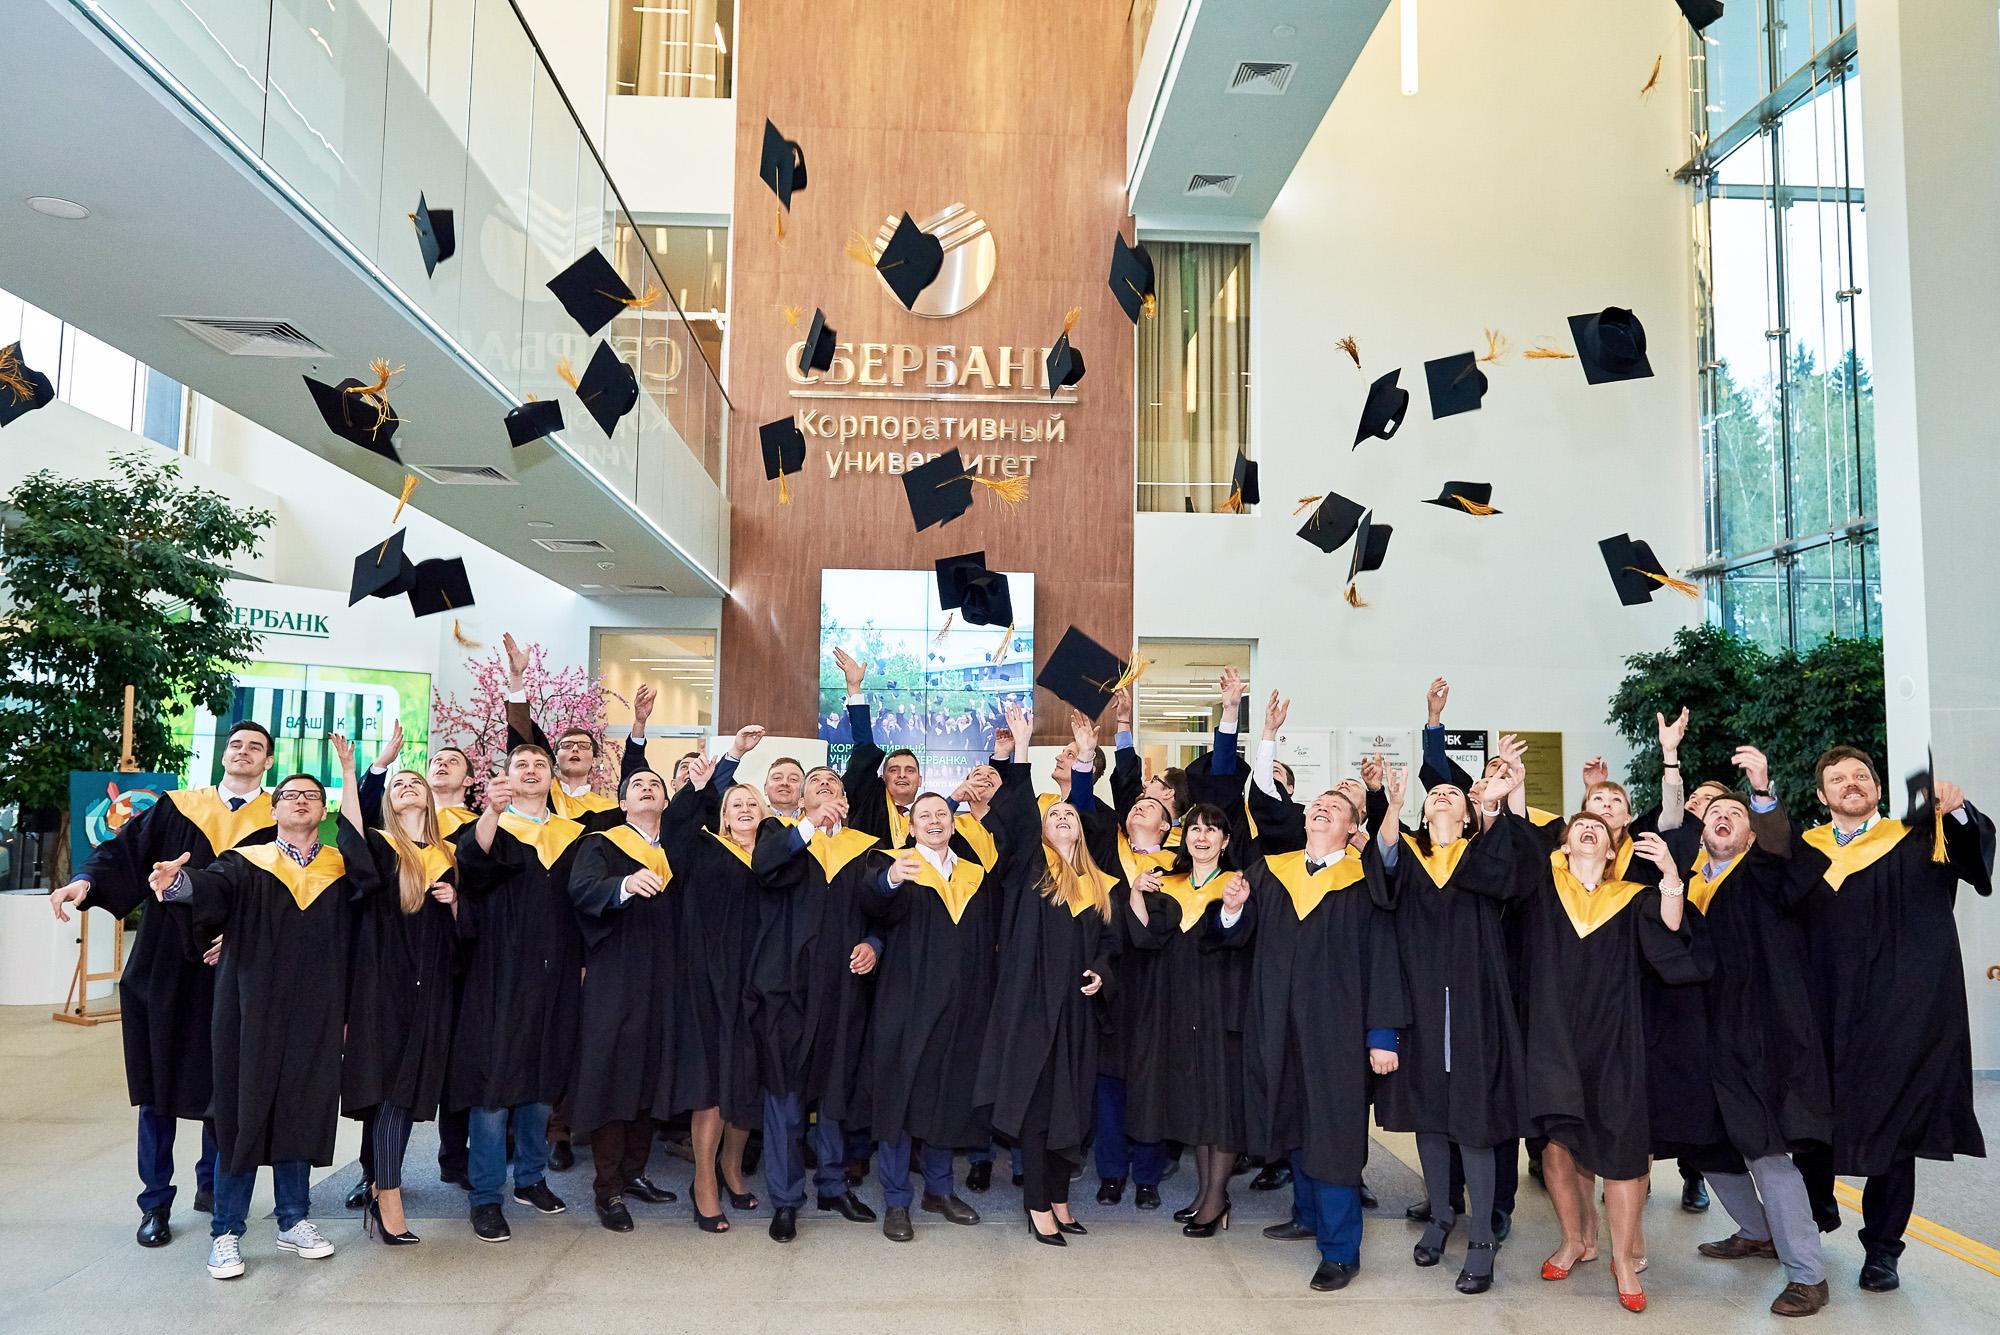 2017 09 29 MBA Лепехин 235